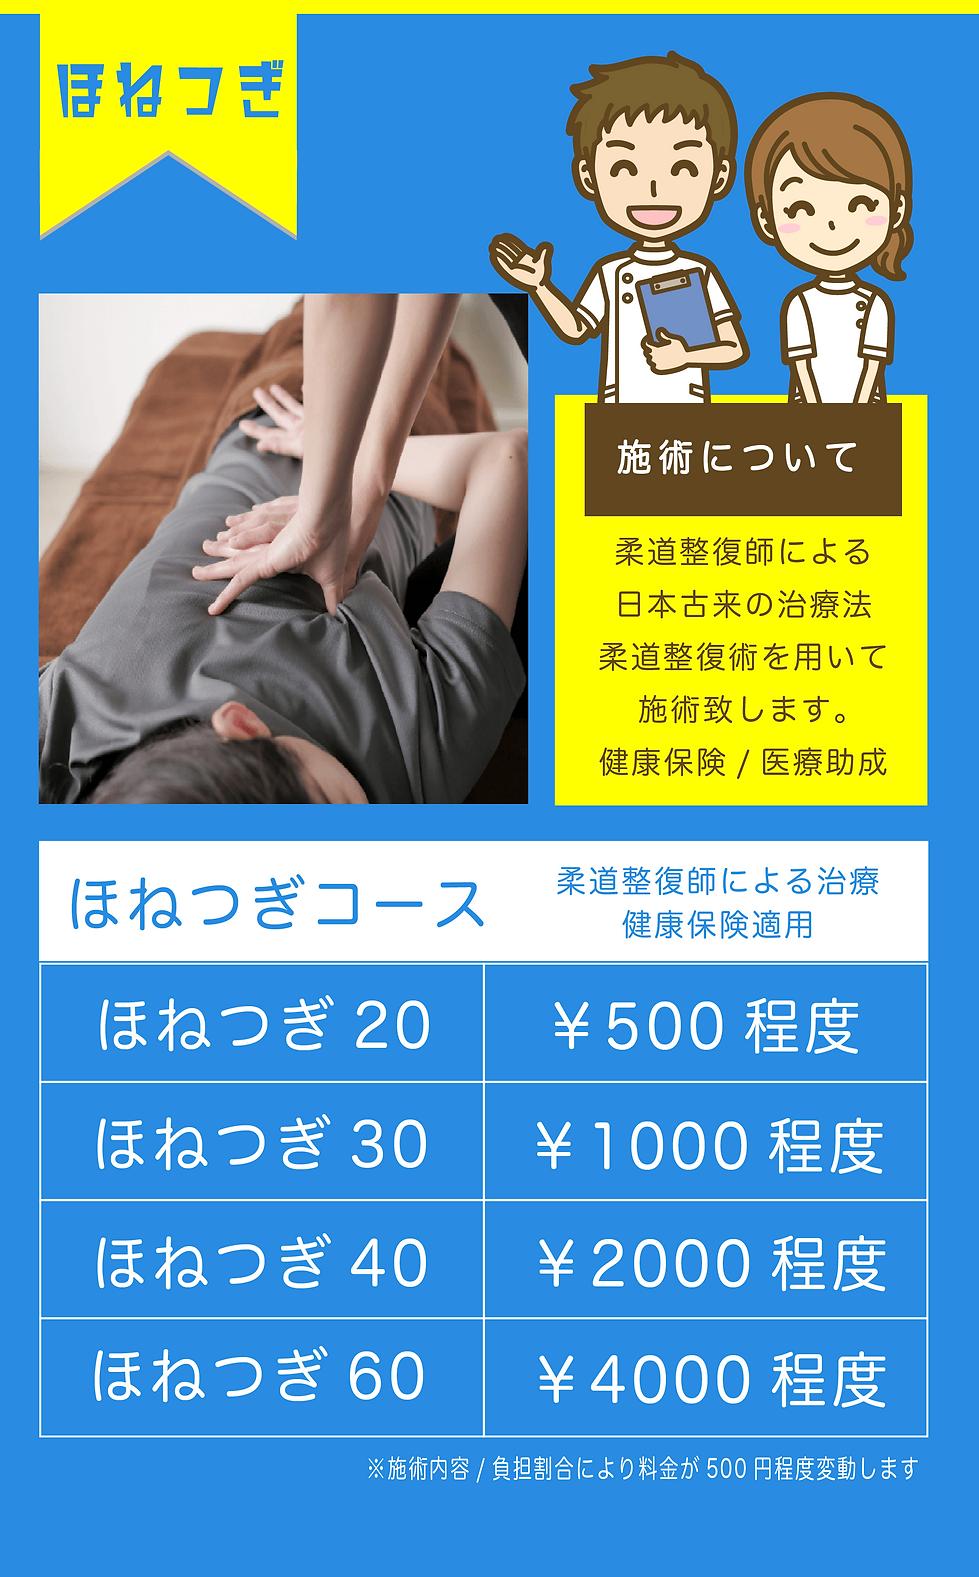 ほねつぎコースの詳細ほねつぎ 施術について 柔道整復師による 日本古来の治療法 柔道整復術を用いて 施術致します。 健康保険/医療助成 ほねつぎコース柔道整復師による治療 健康保険適用 ほねつぎ20¥500程度 ほねつぎ30¥1000程度 ほねつぎ40¥2000程度 ほねつぎ60¥4000程度 ※施術内容/負担割合により料金が500円程度変動します.png